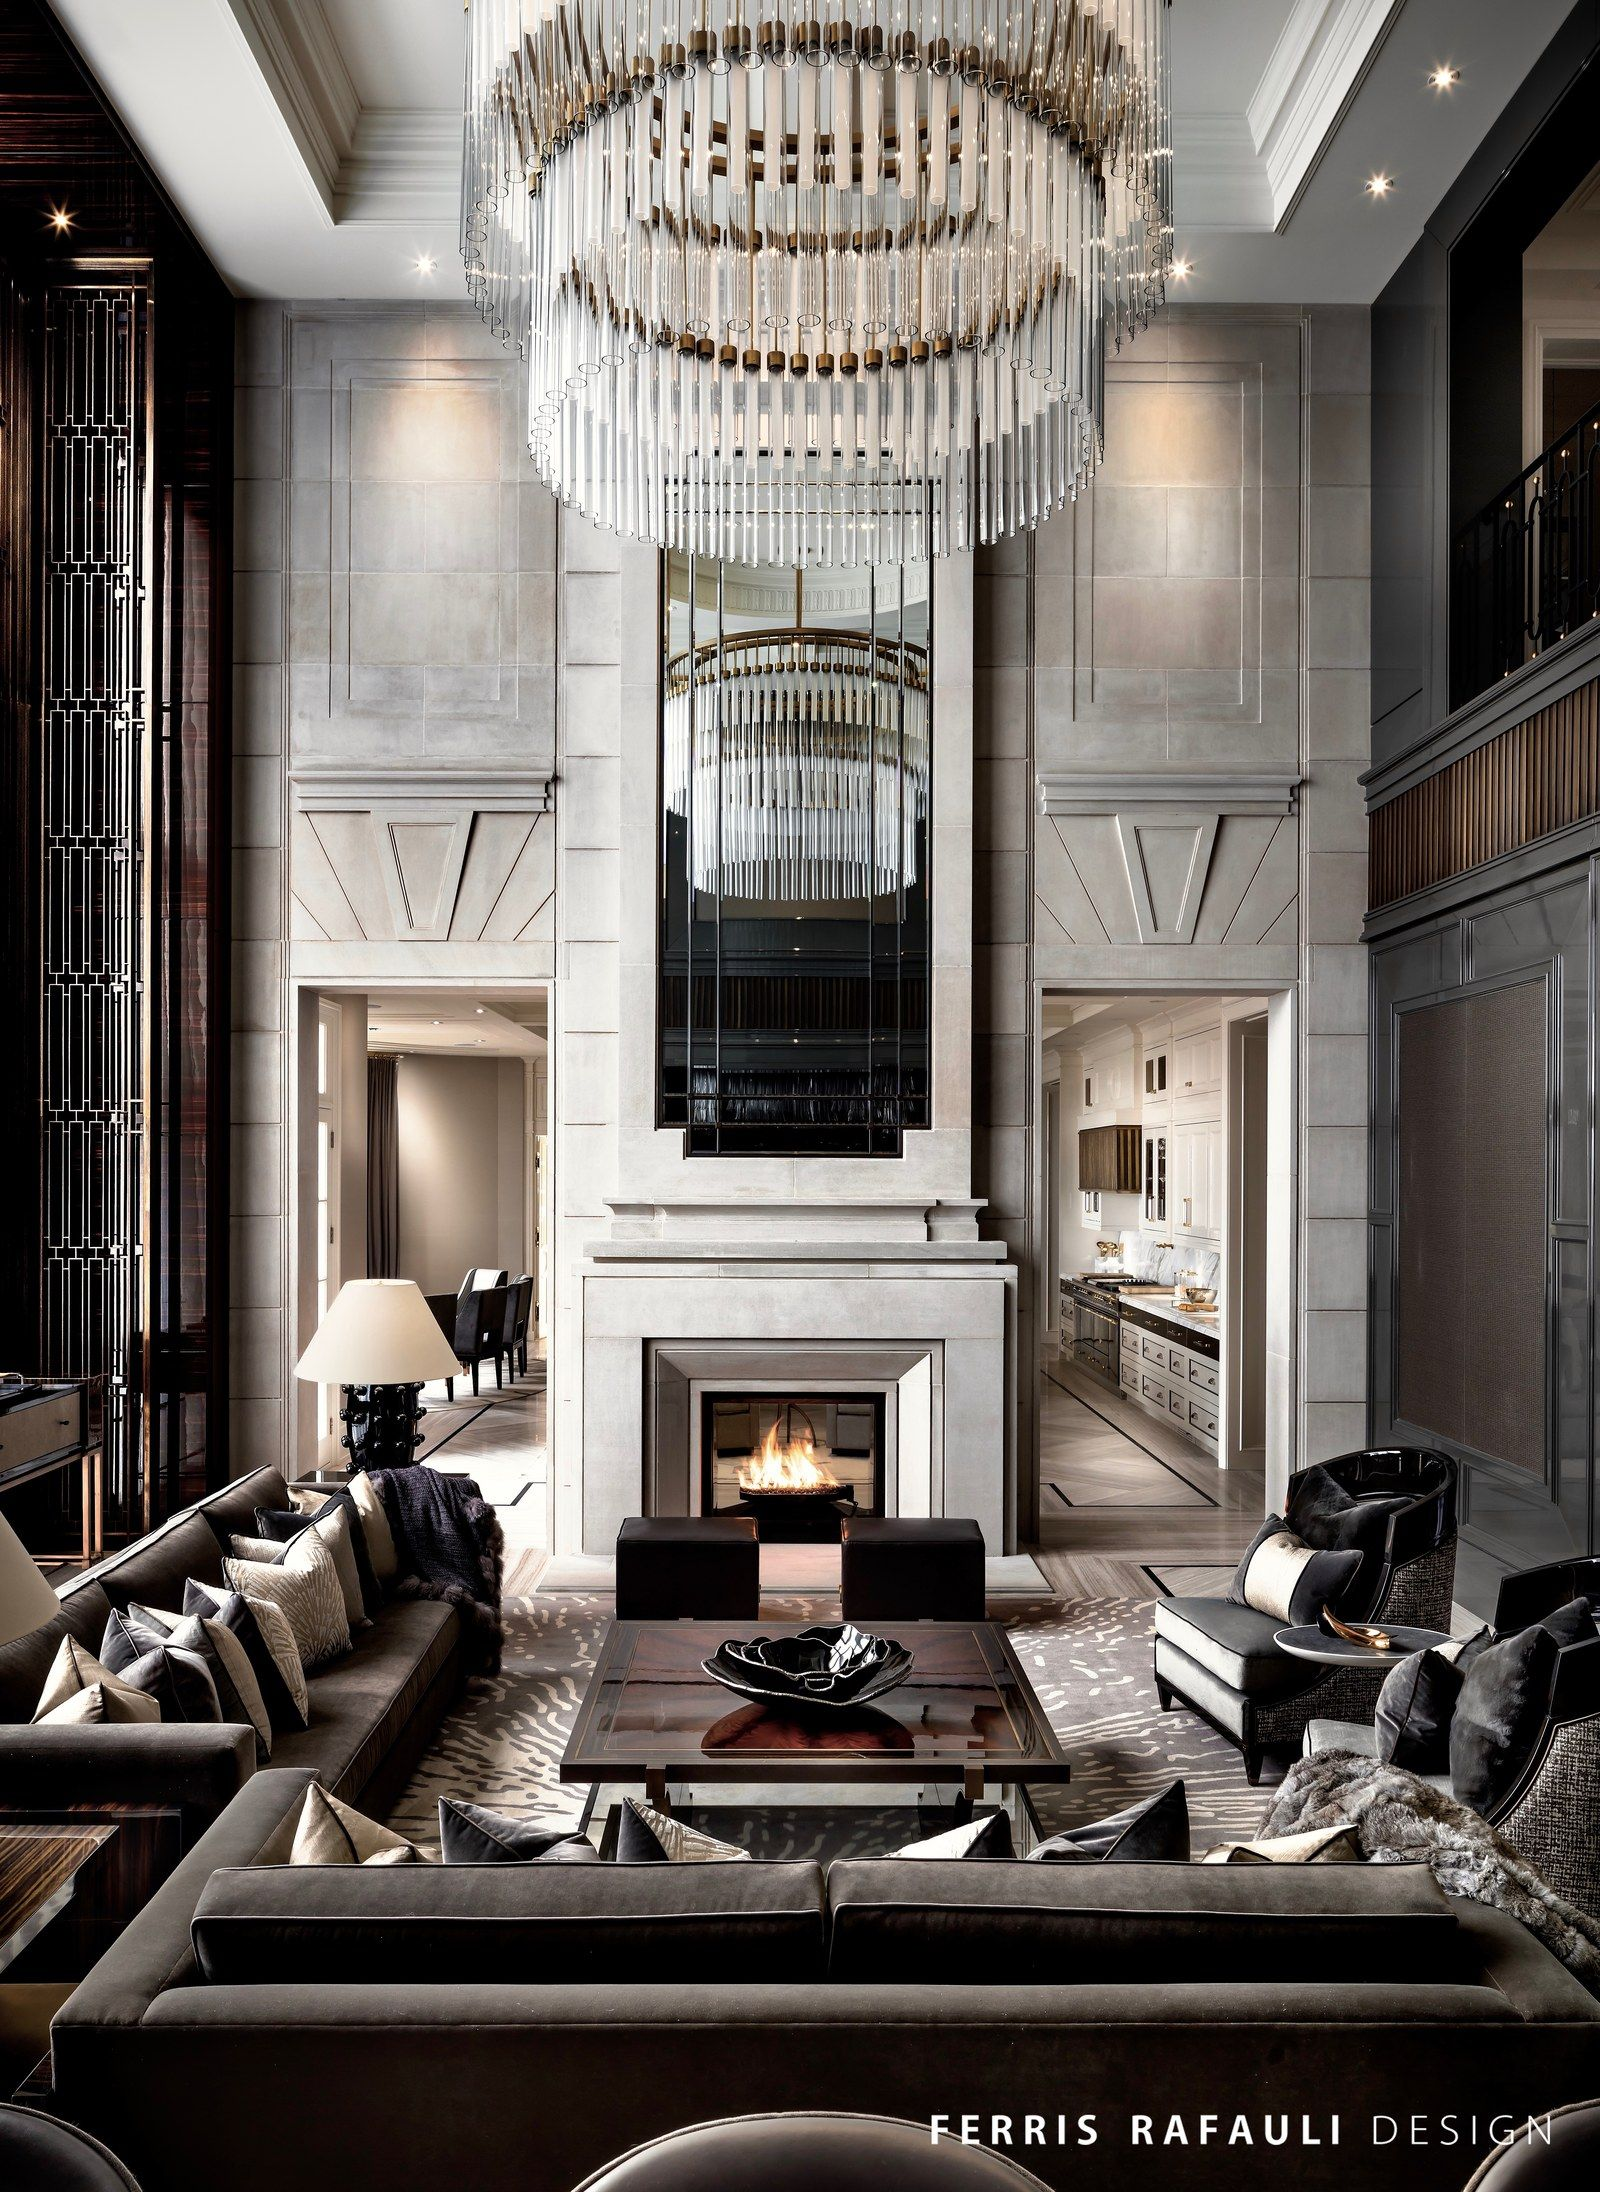 luxurious interior design ideas